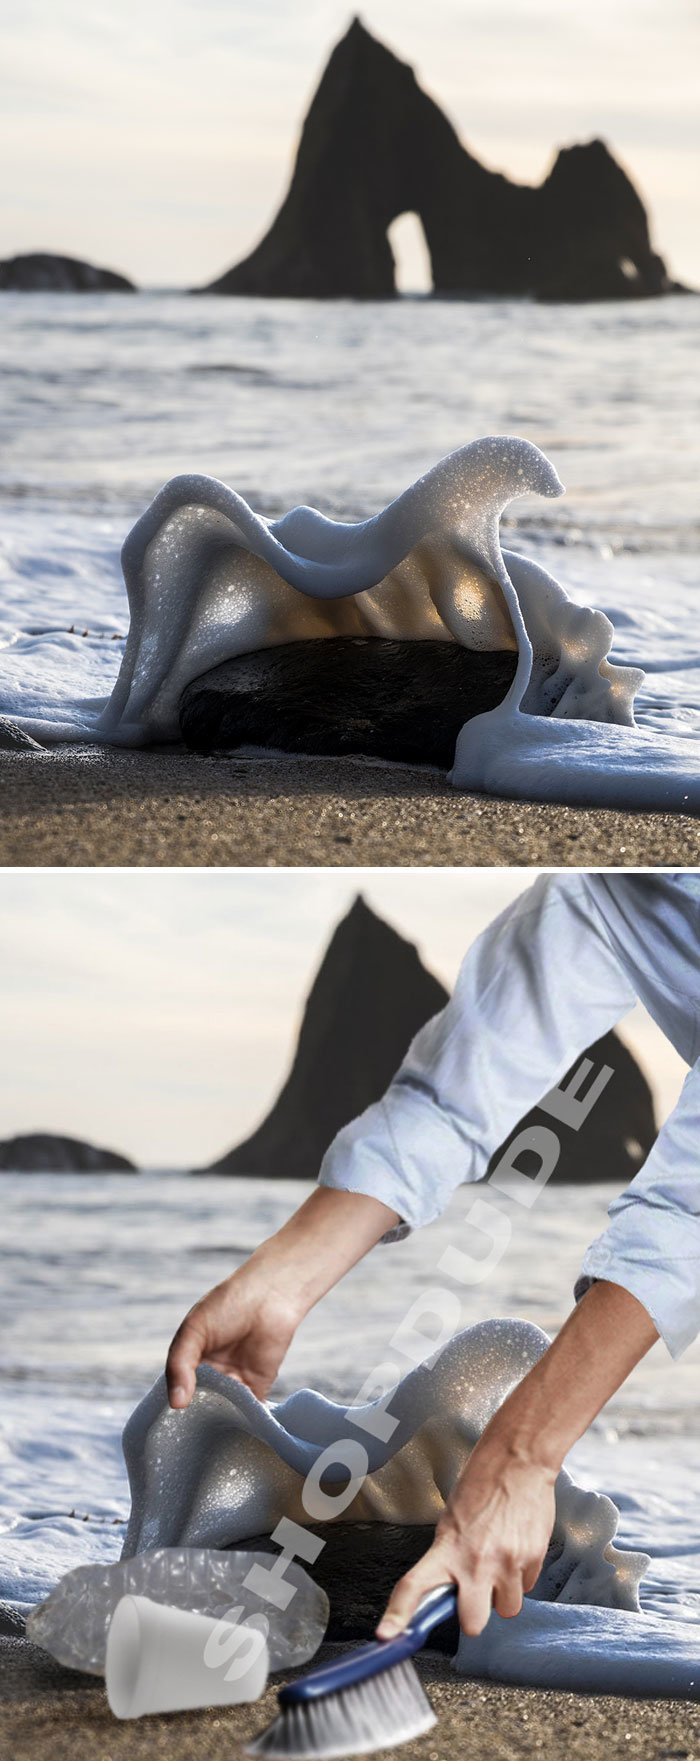 5. Волна, разбивающаяся о камни животные, забавно, люди, подборка, фотошоп, юмор